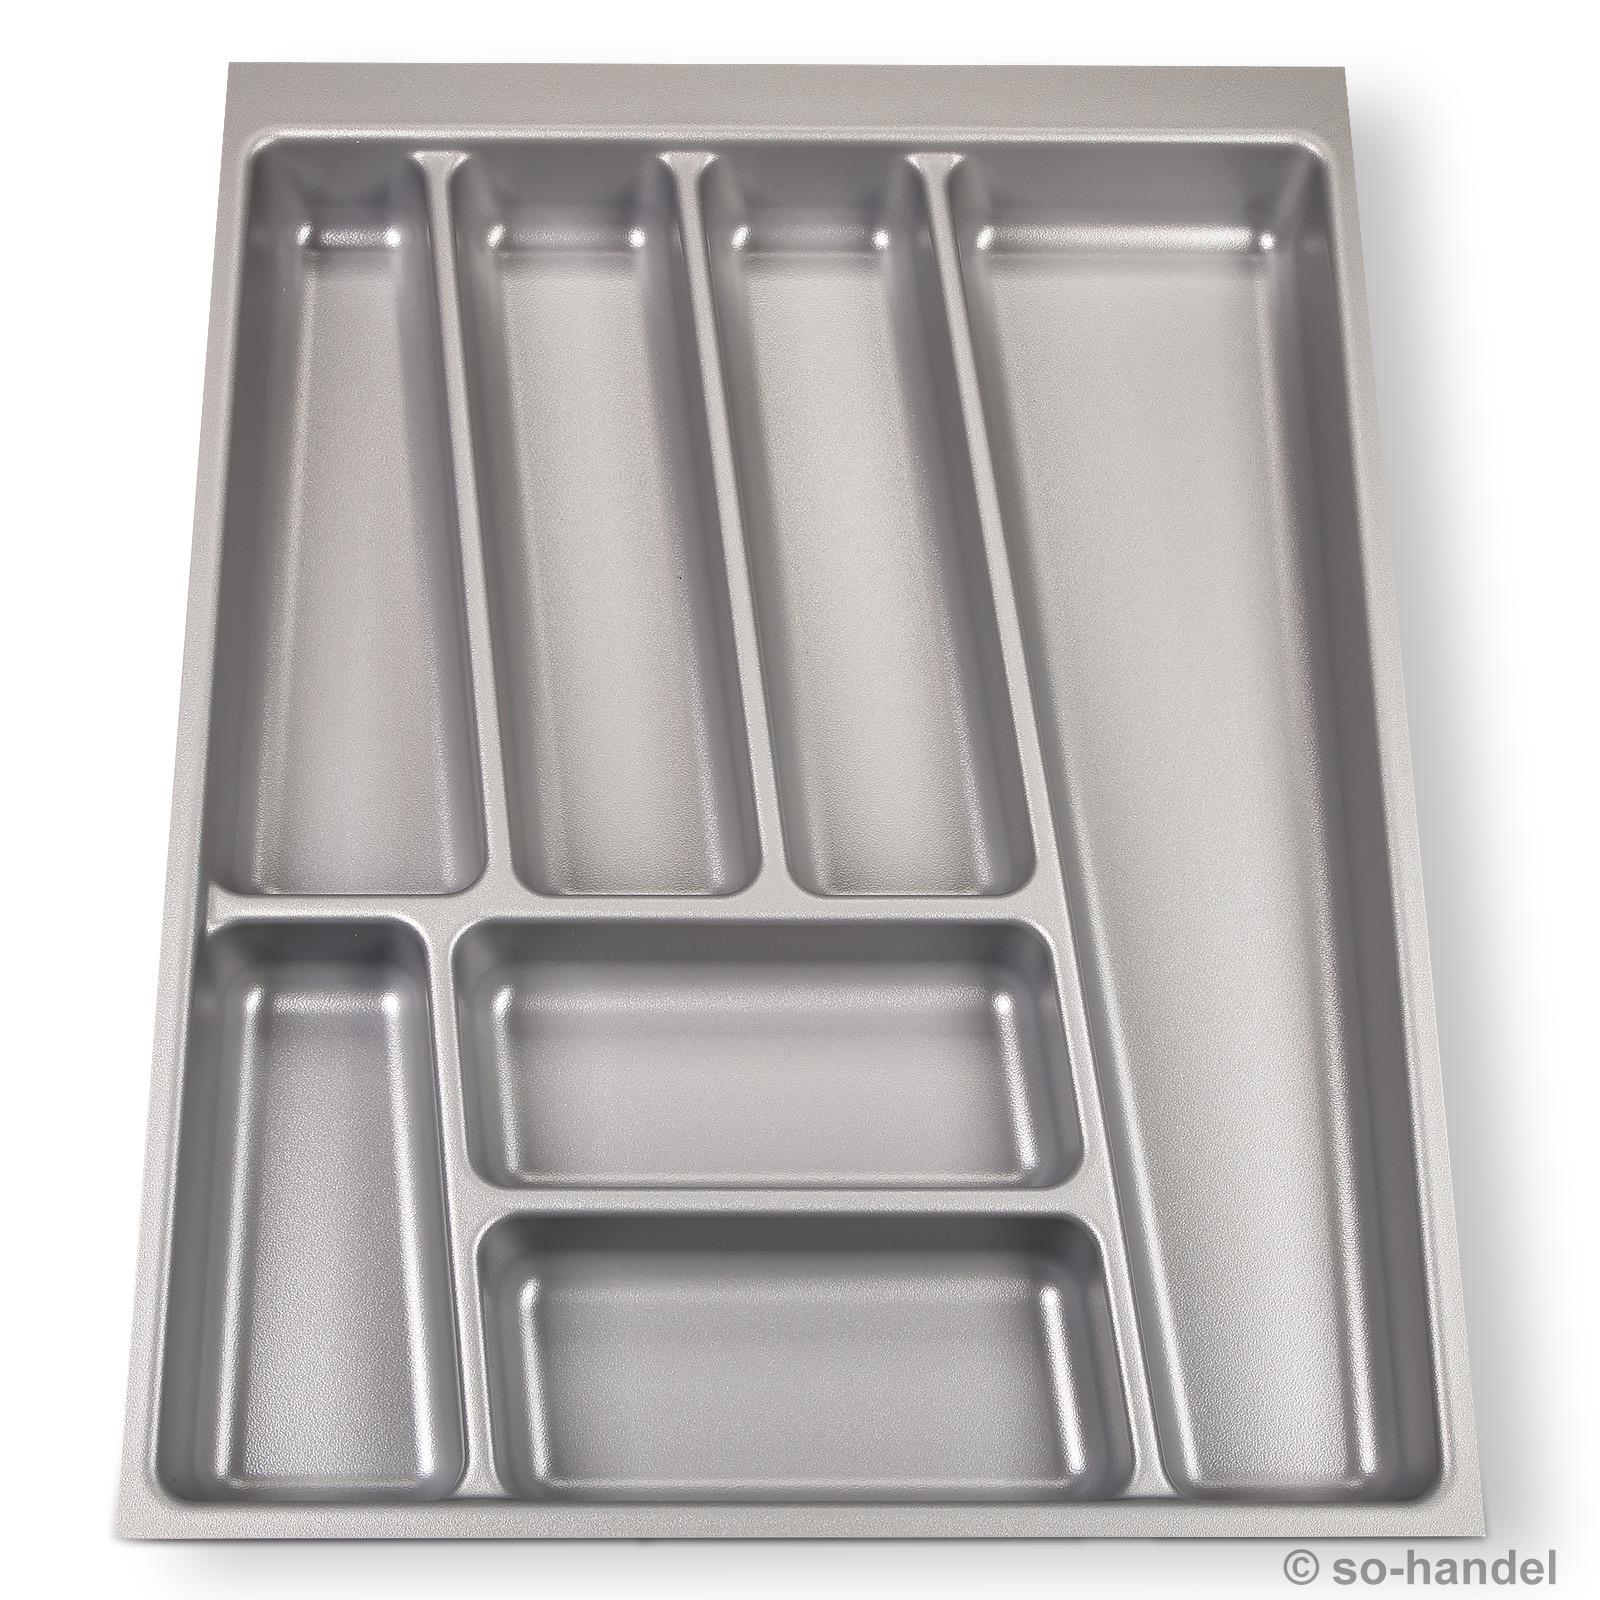 Full Size of Nobilia Besteckeinsatz Besteckkasten Schublade Küche Einbauküche Wohnzimmer Nobilia Besteckeinsatz